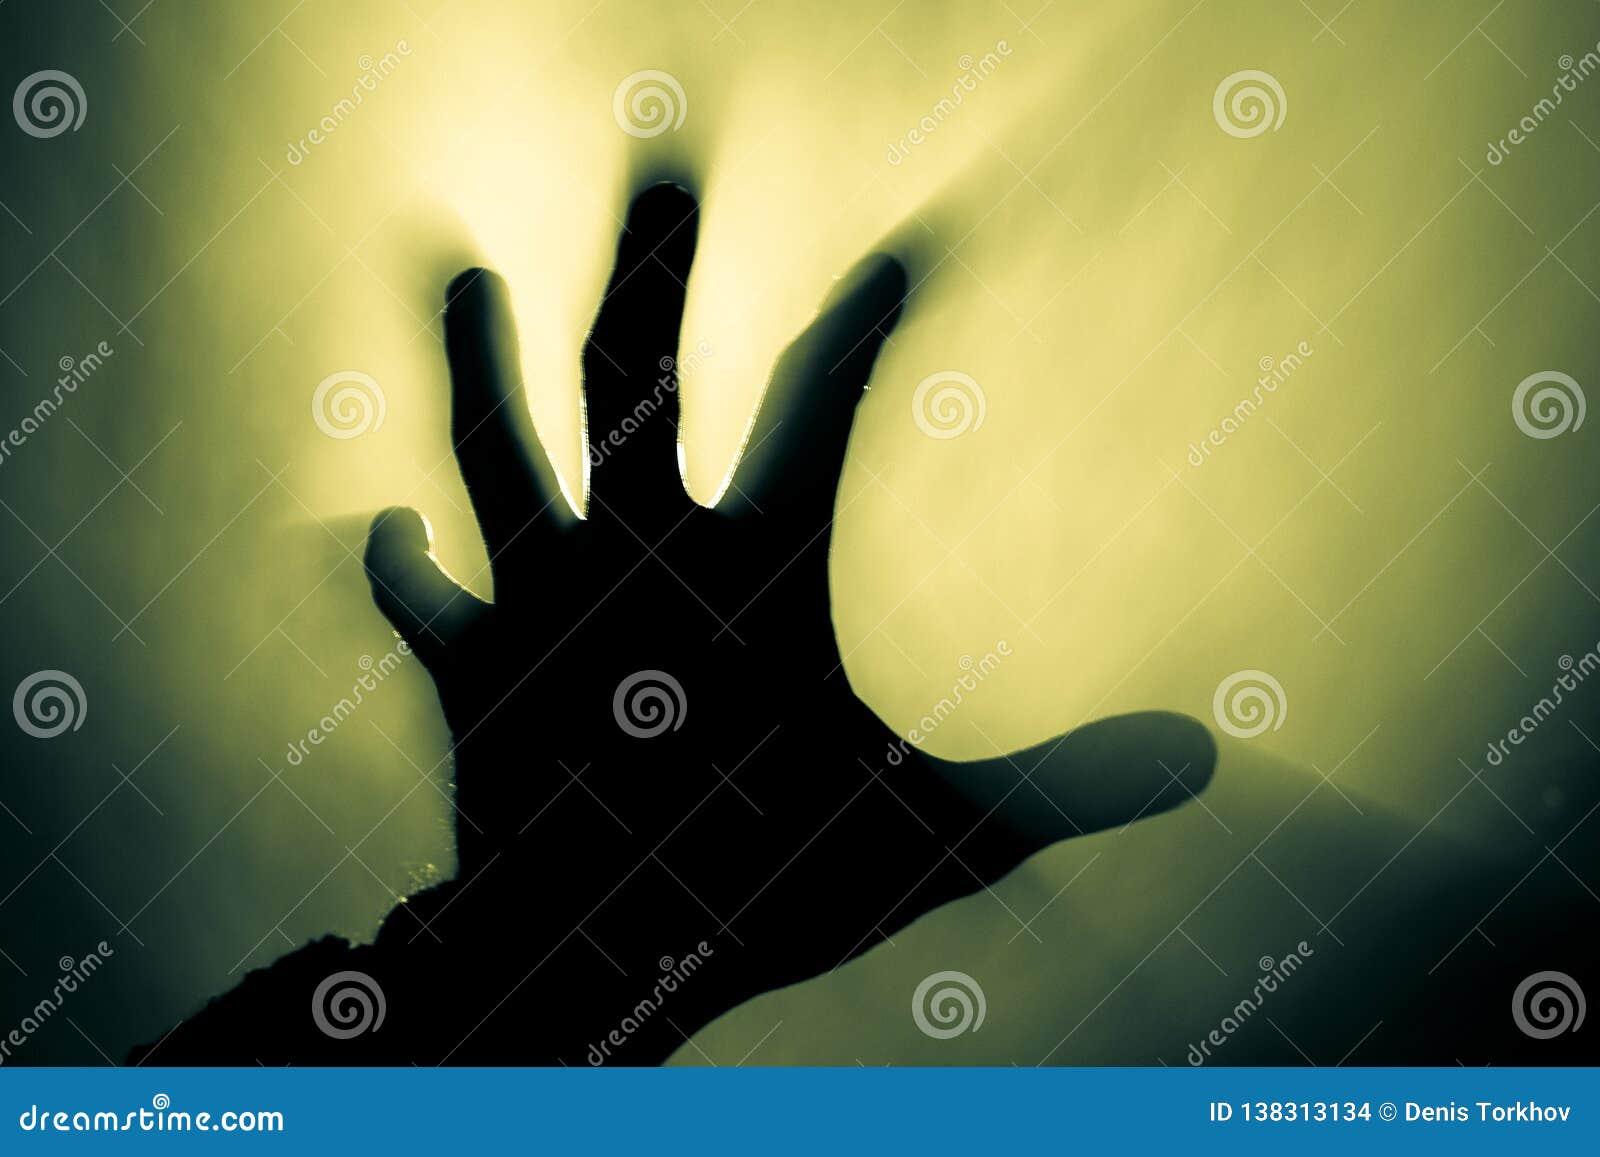 Zamazana ręka w dymu w ogieniu w srogim świetle słońce